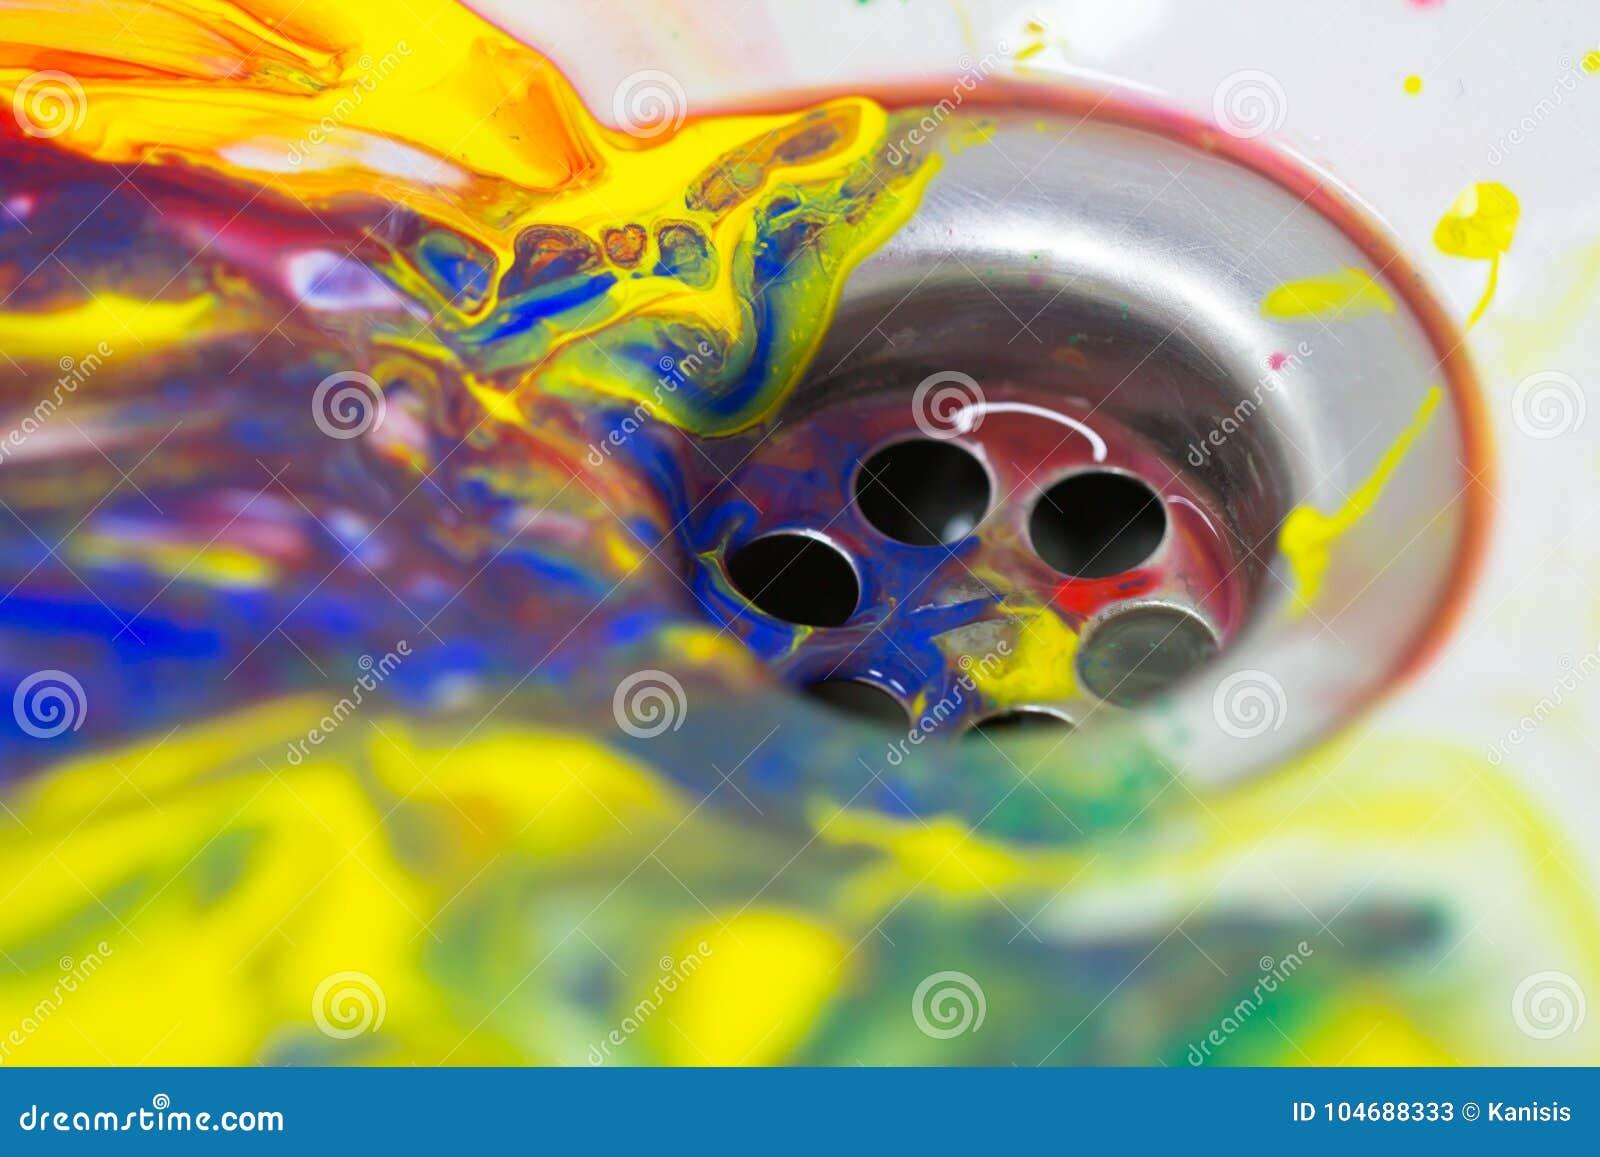 Flujo Del Color De La Pintura Del Arte En El Fregadero De Cocina ...